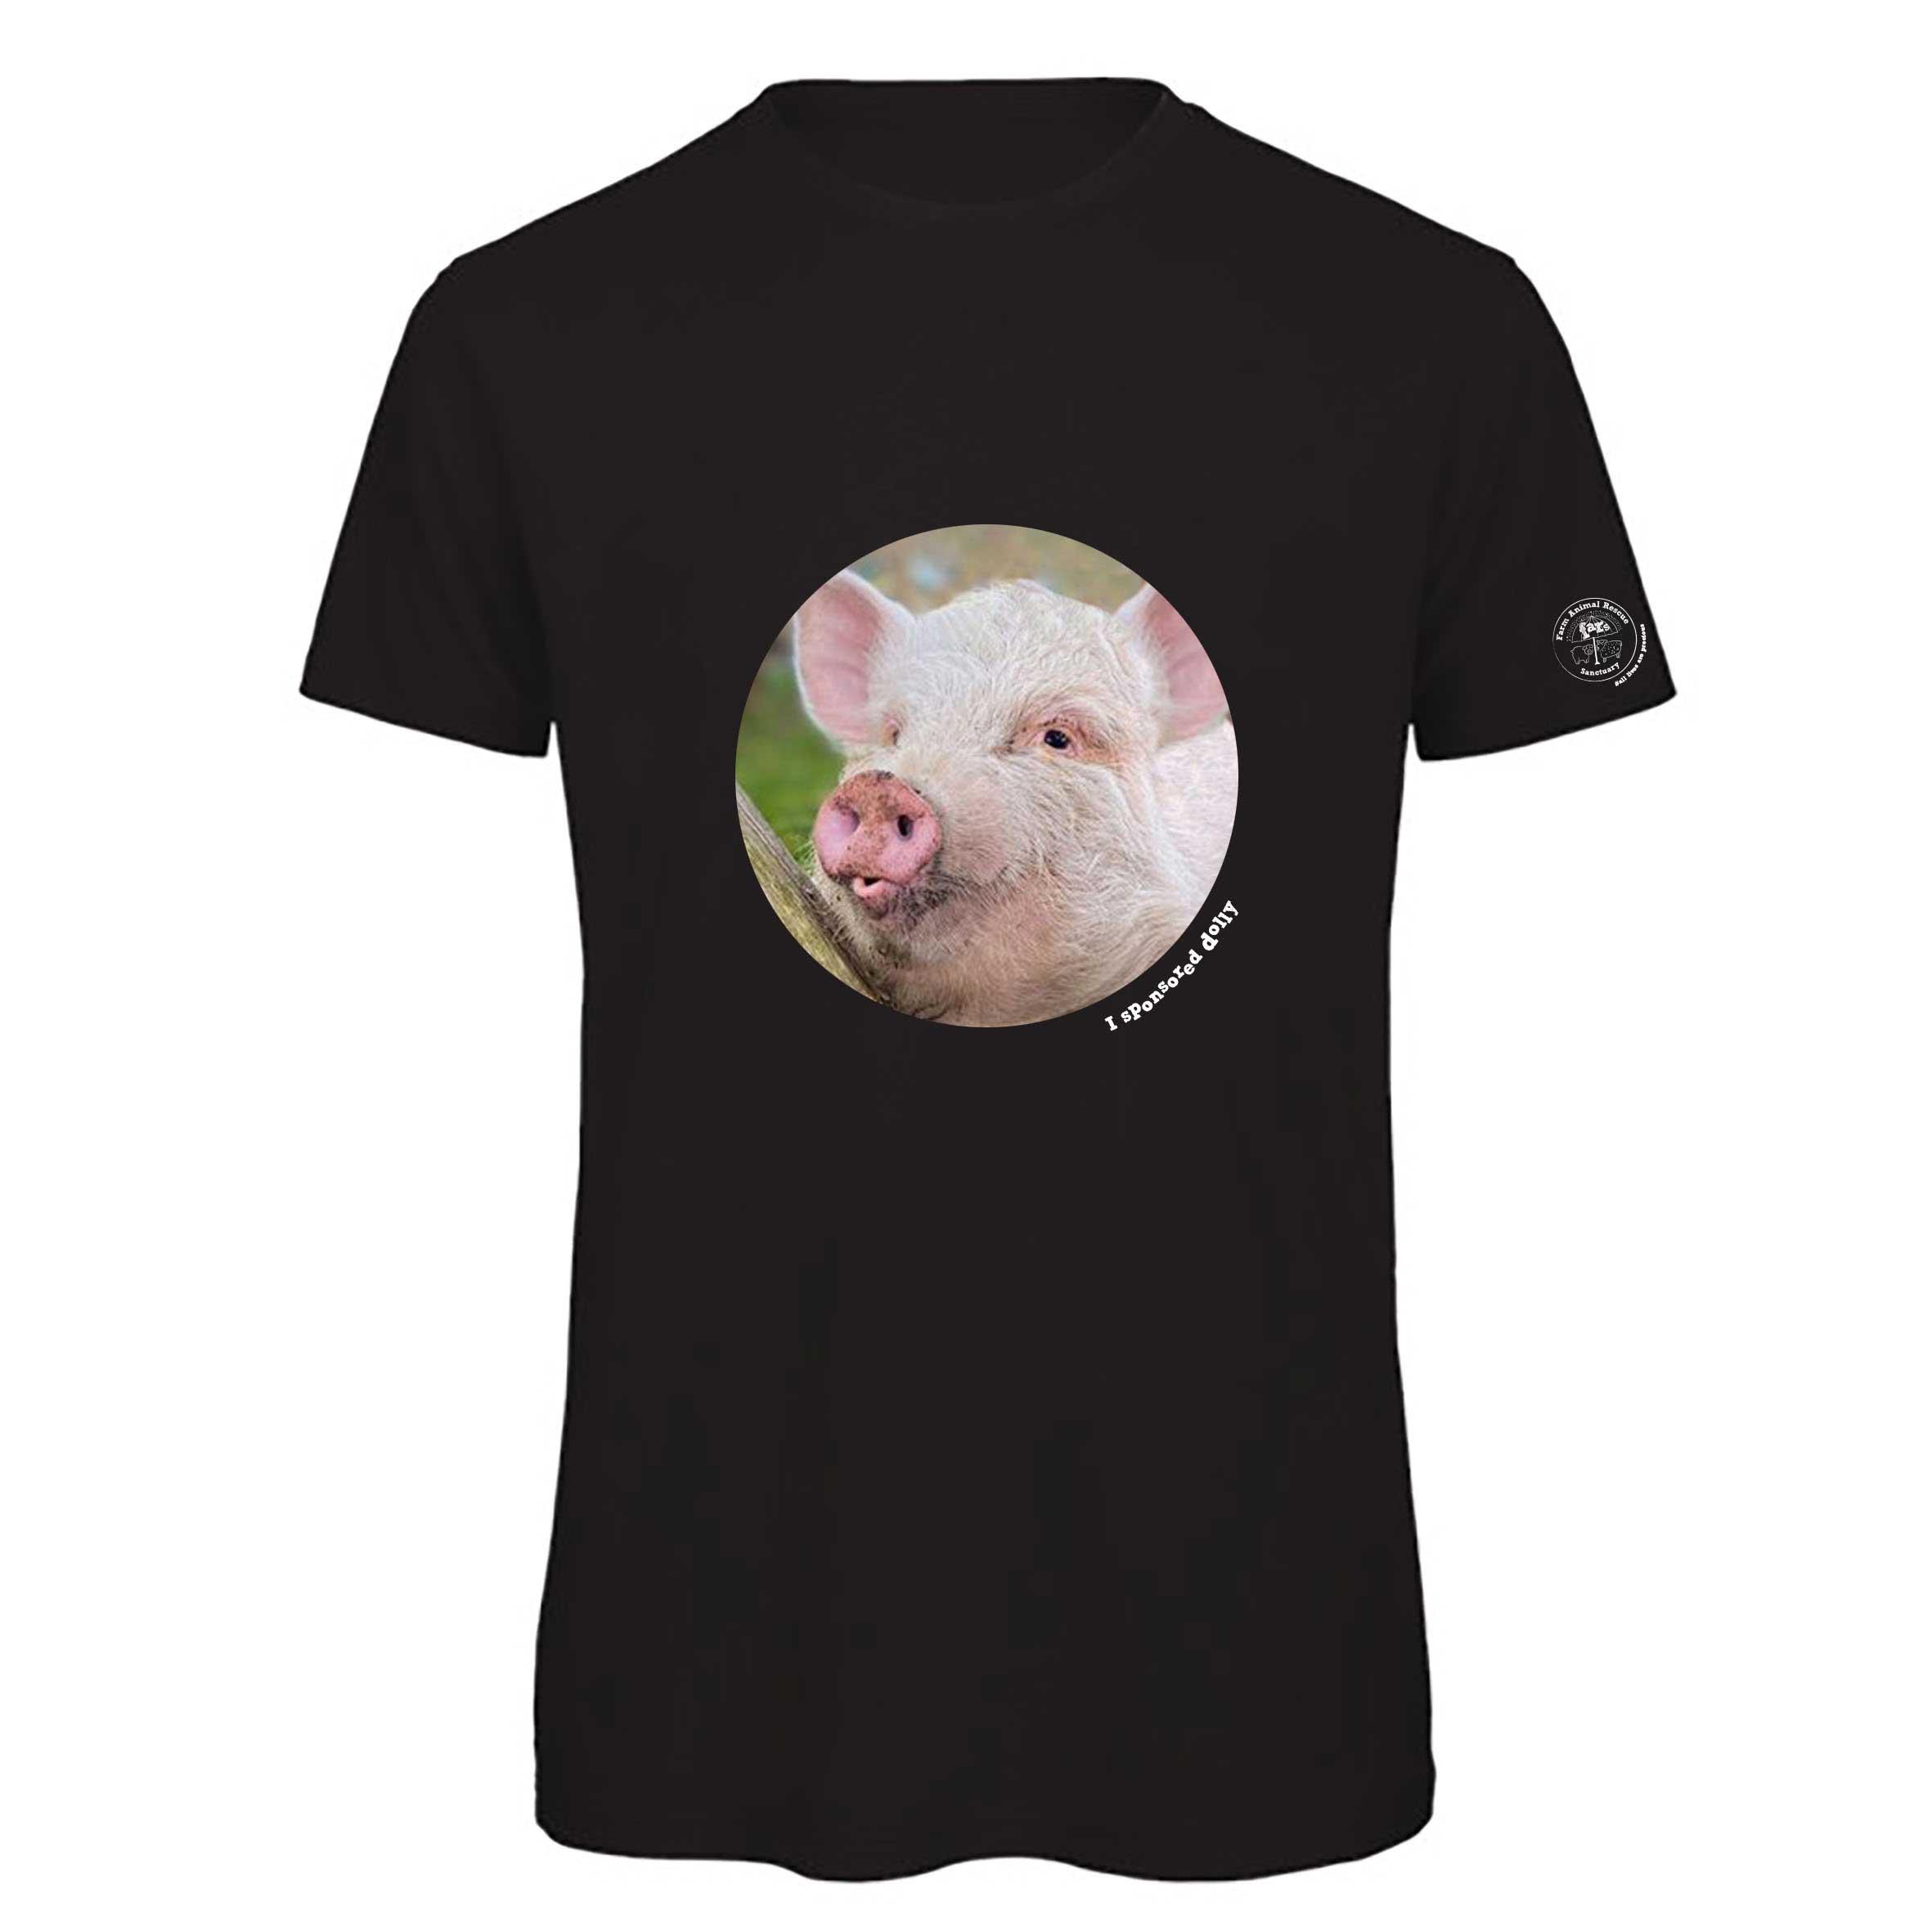 FARS Tshirt Dolly says 'ooo'